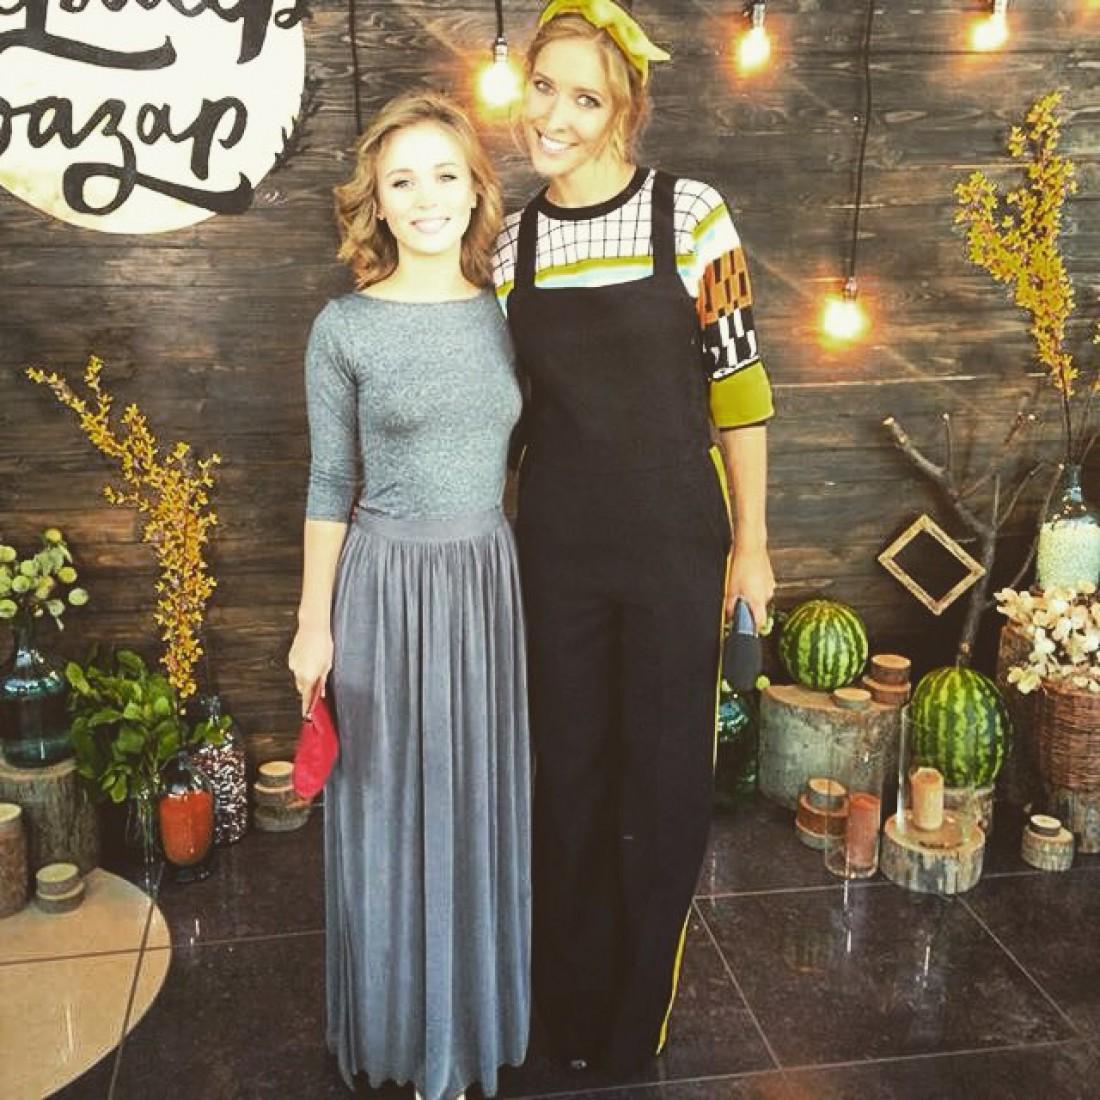 Анна Кошмал с Катей Осадчей на Ферме-базар